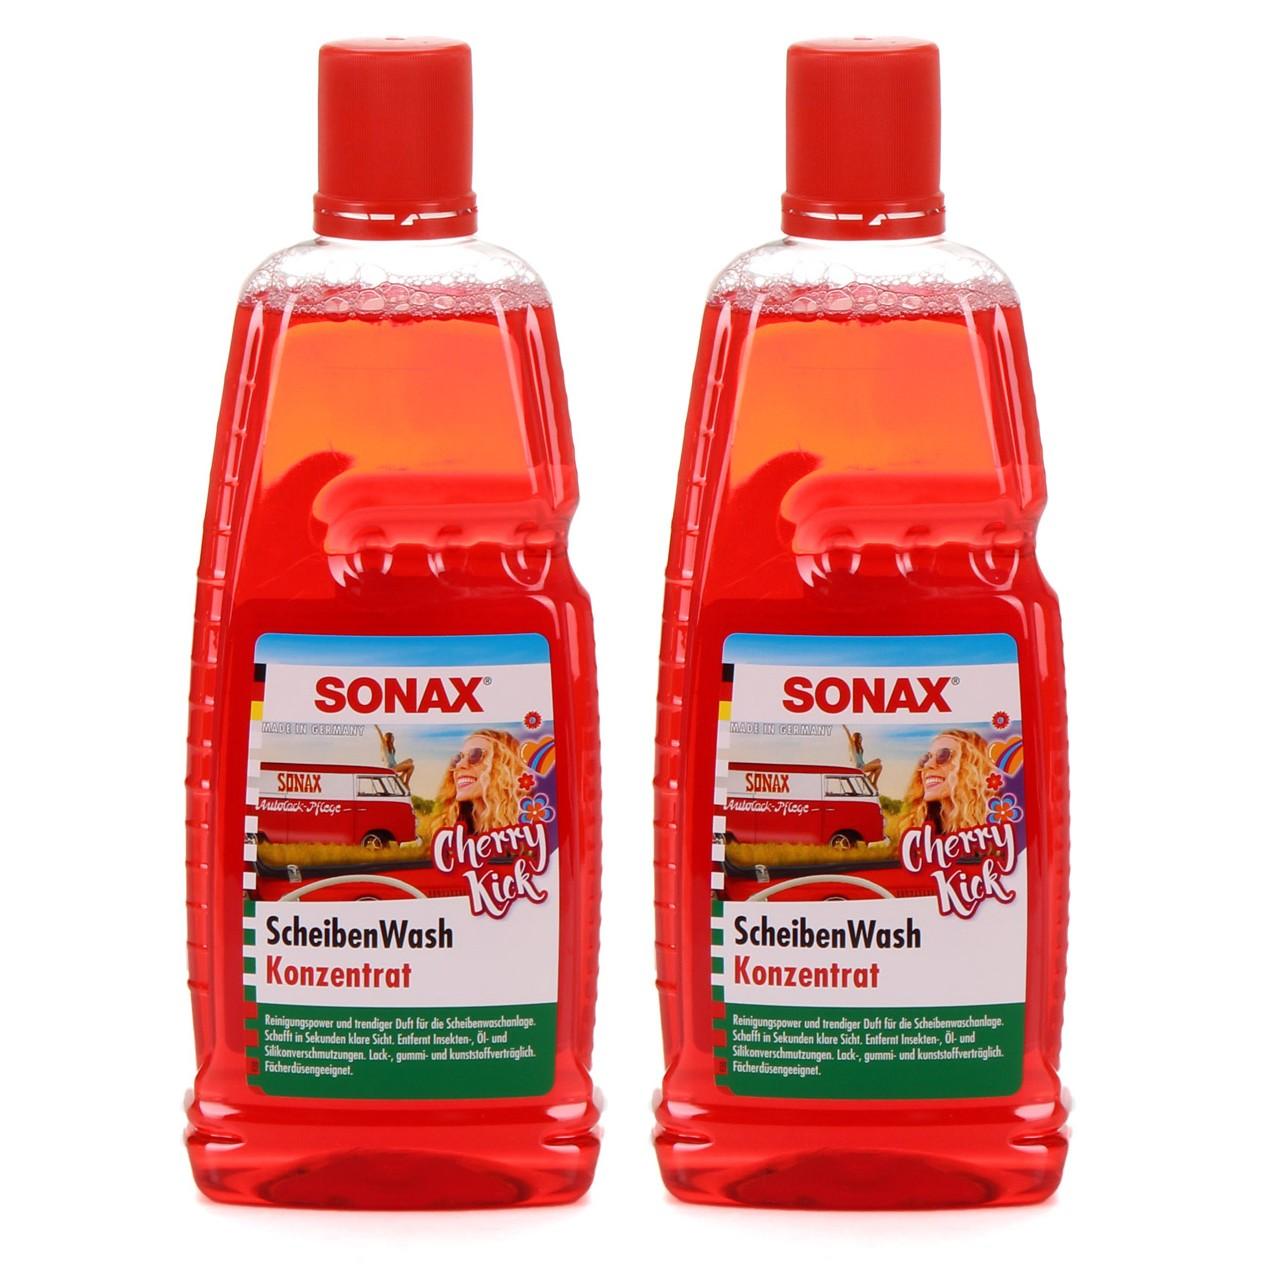 SONAX 392300 ScheibenWash 1:10 Konzentrat Scheibenreiniger Cherry Kick 2x 1L